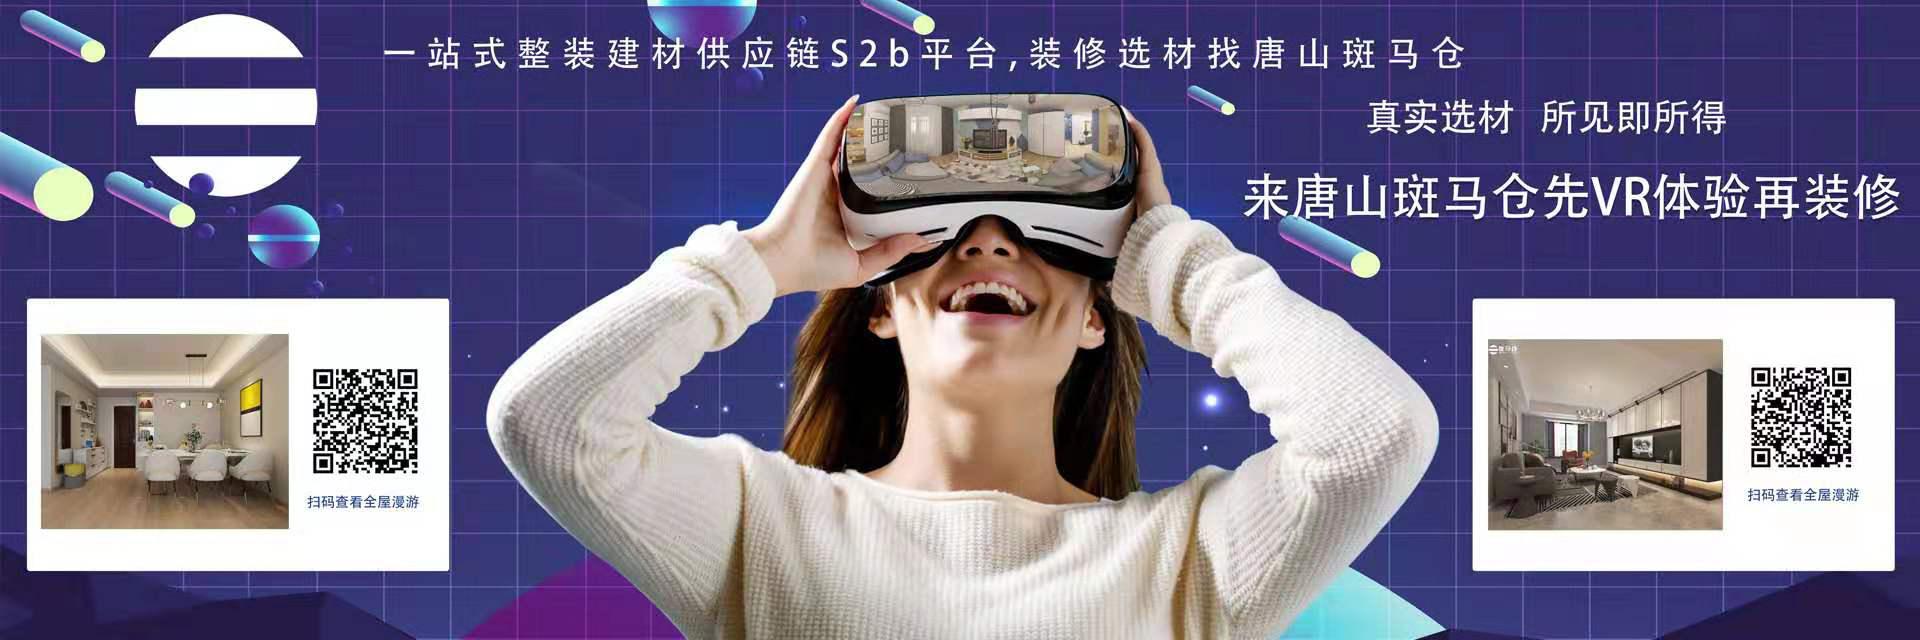 唐山斑材科技有限公司